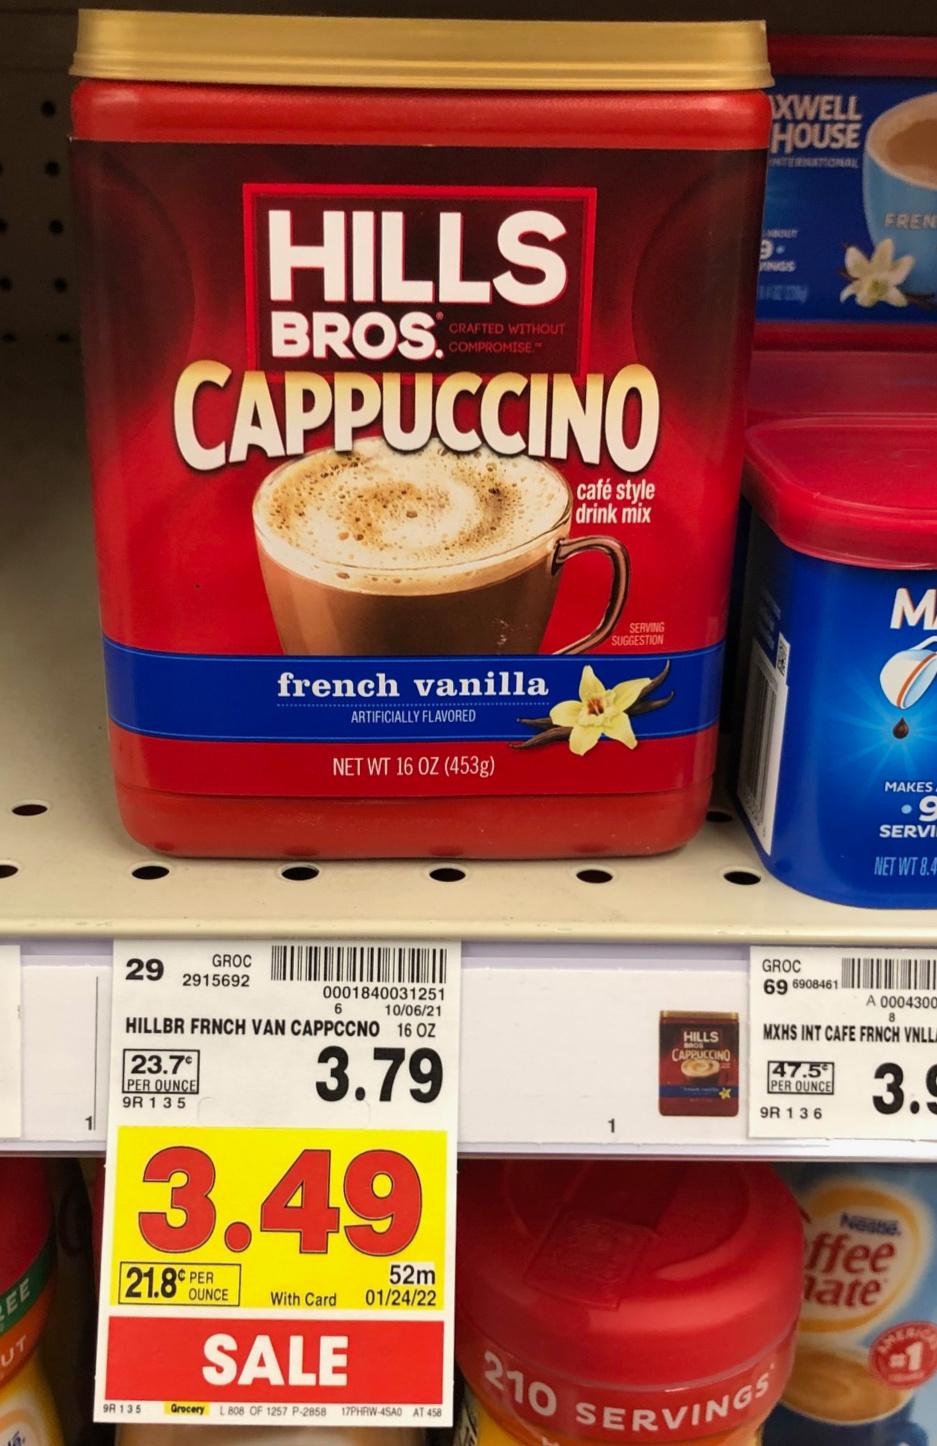 Hills Bros. Cappuccino Drink Mix Just $2.29 At Kroger